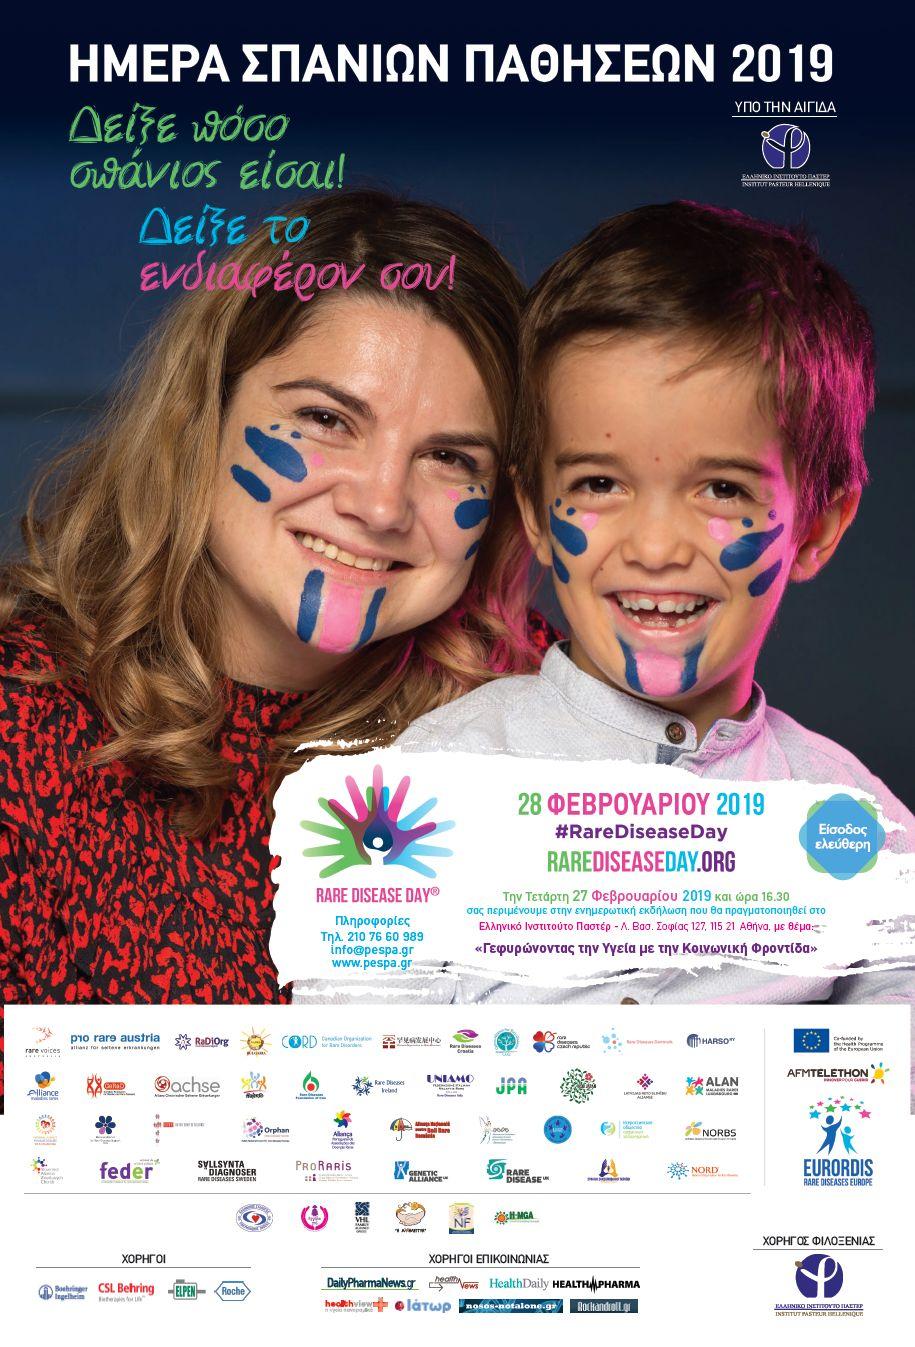 Παγκόσμια Ημέρα Σπανίων Παθήσεων 2019: Εκδηλώσεις από την